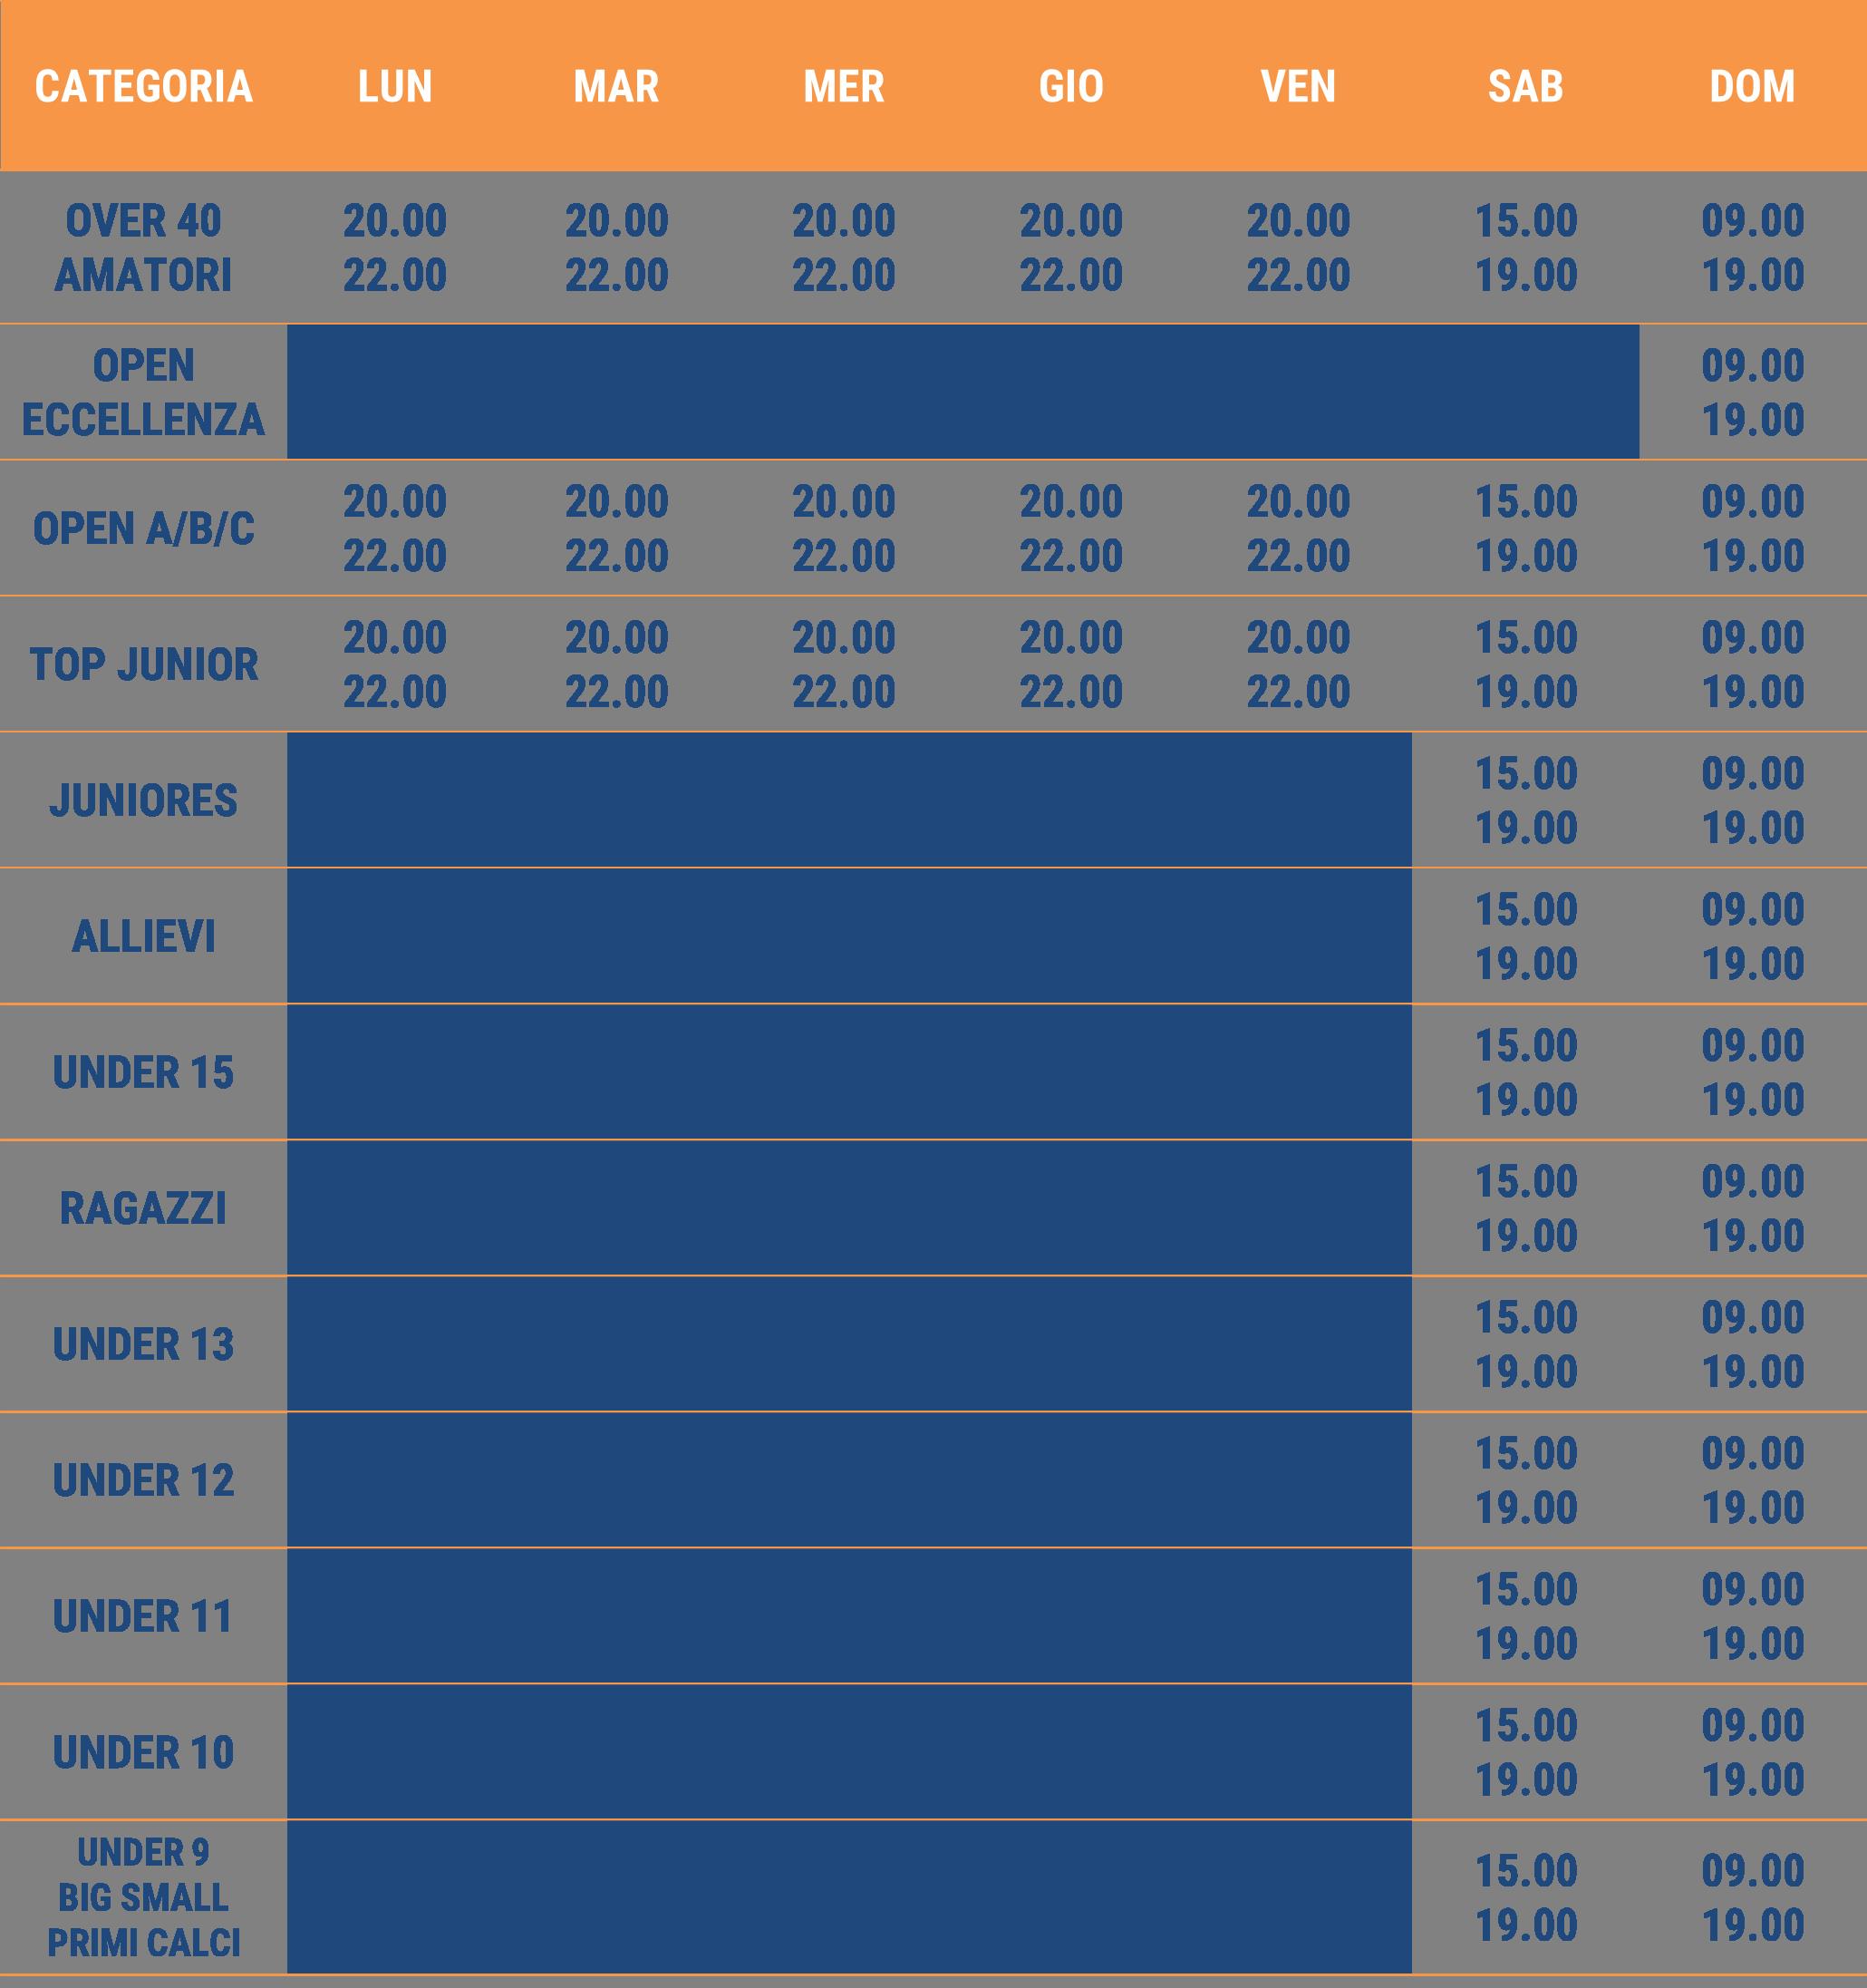 Calendario Torneo A 7 Squadre.Campionato Provinciale Calcio A 7 Calcio A 7 Calcio